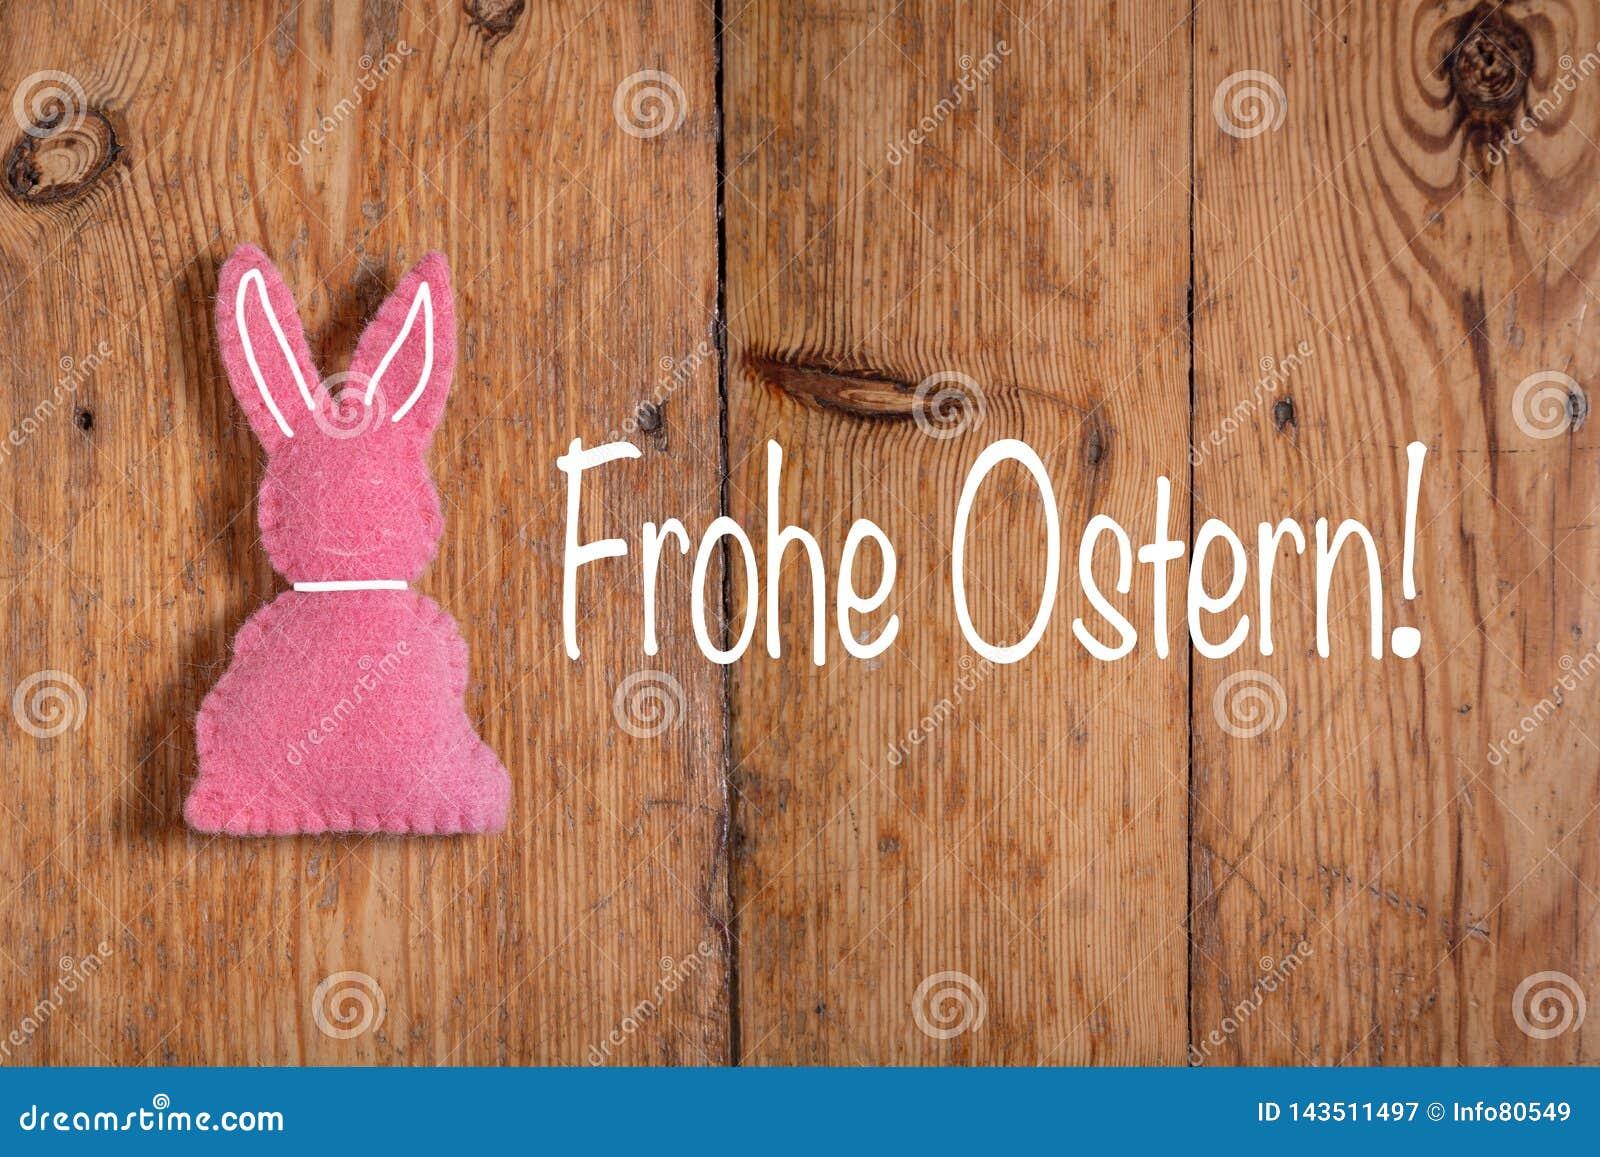 Roze Paashaas met tekst 'Frohe Ostern 'en een houten achtergrond Vertaling: 'Gelukkige Pasen '